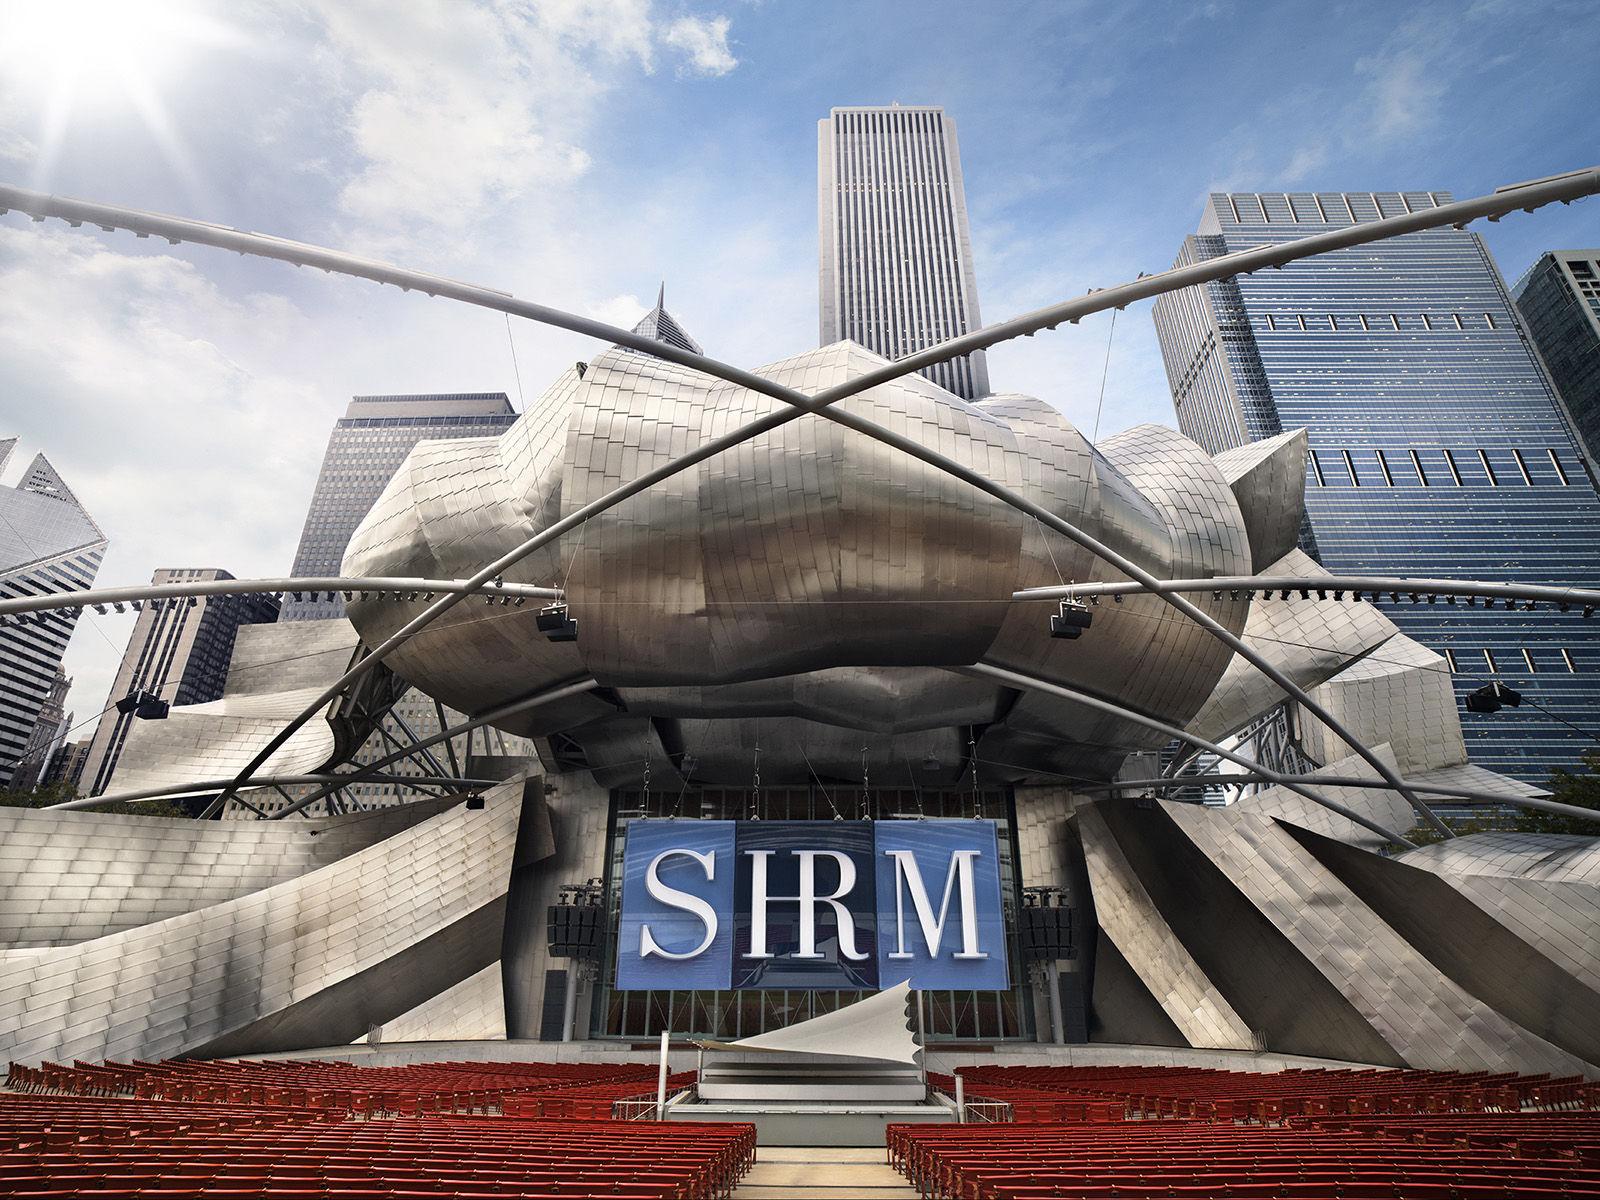 S.H.R.M